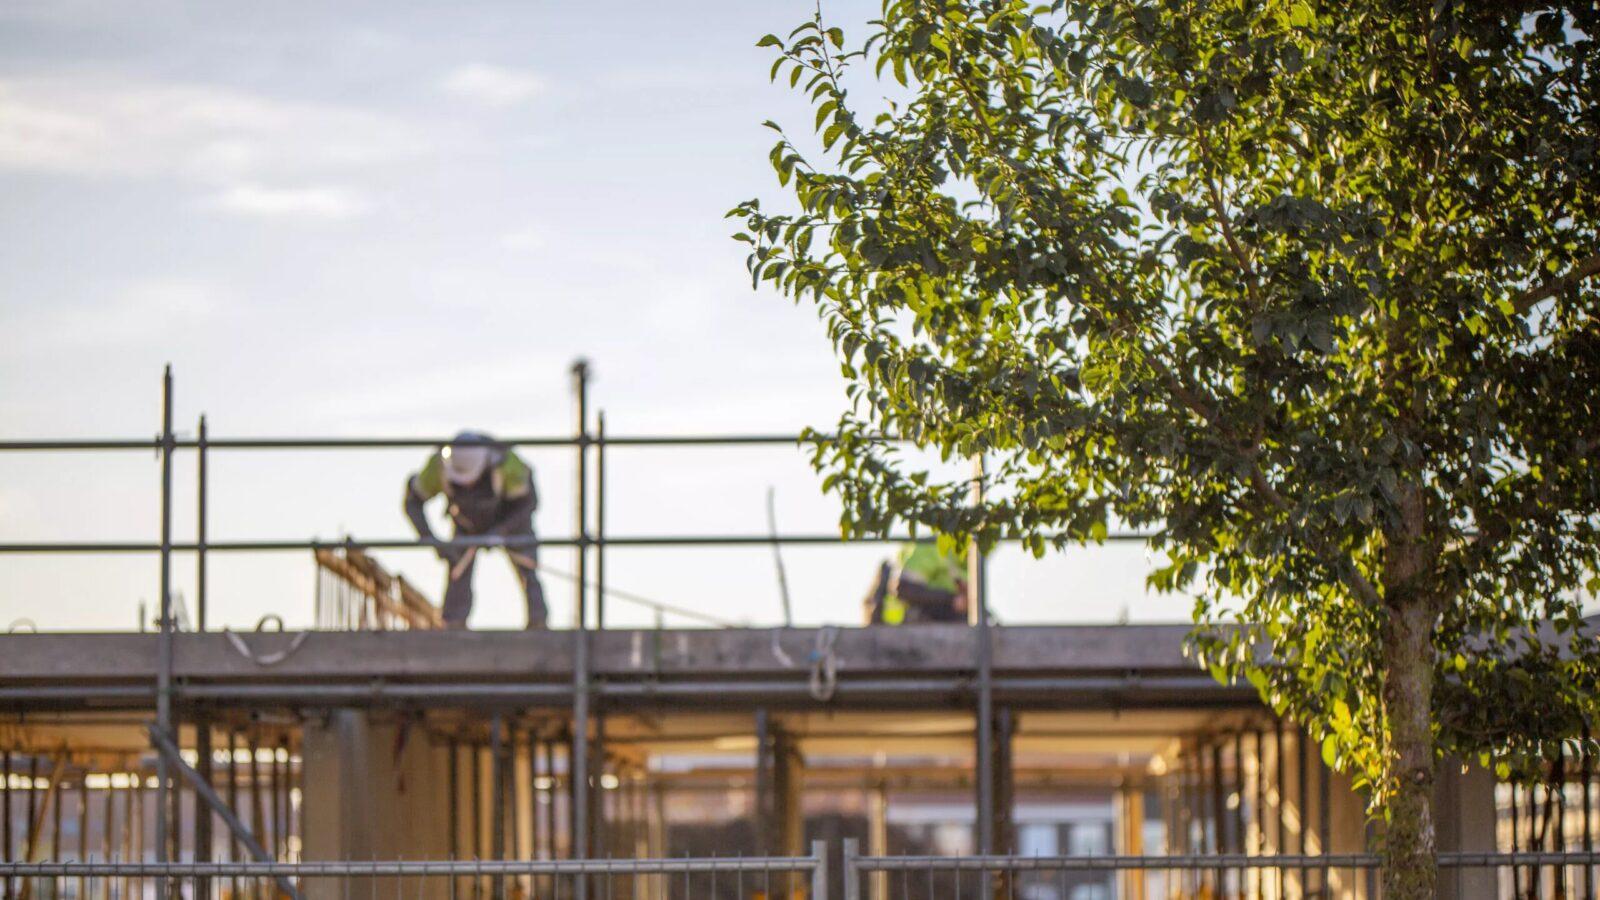 Volg de bouwwerkzaamheden in Meerstad vanuit je huis